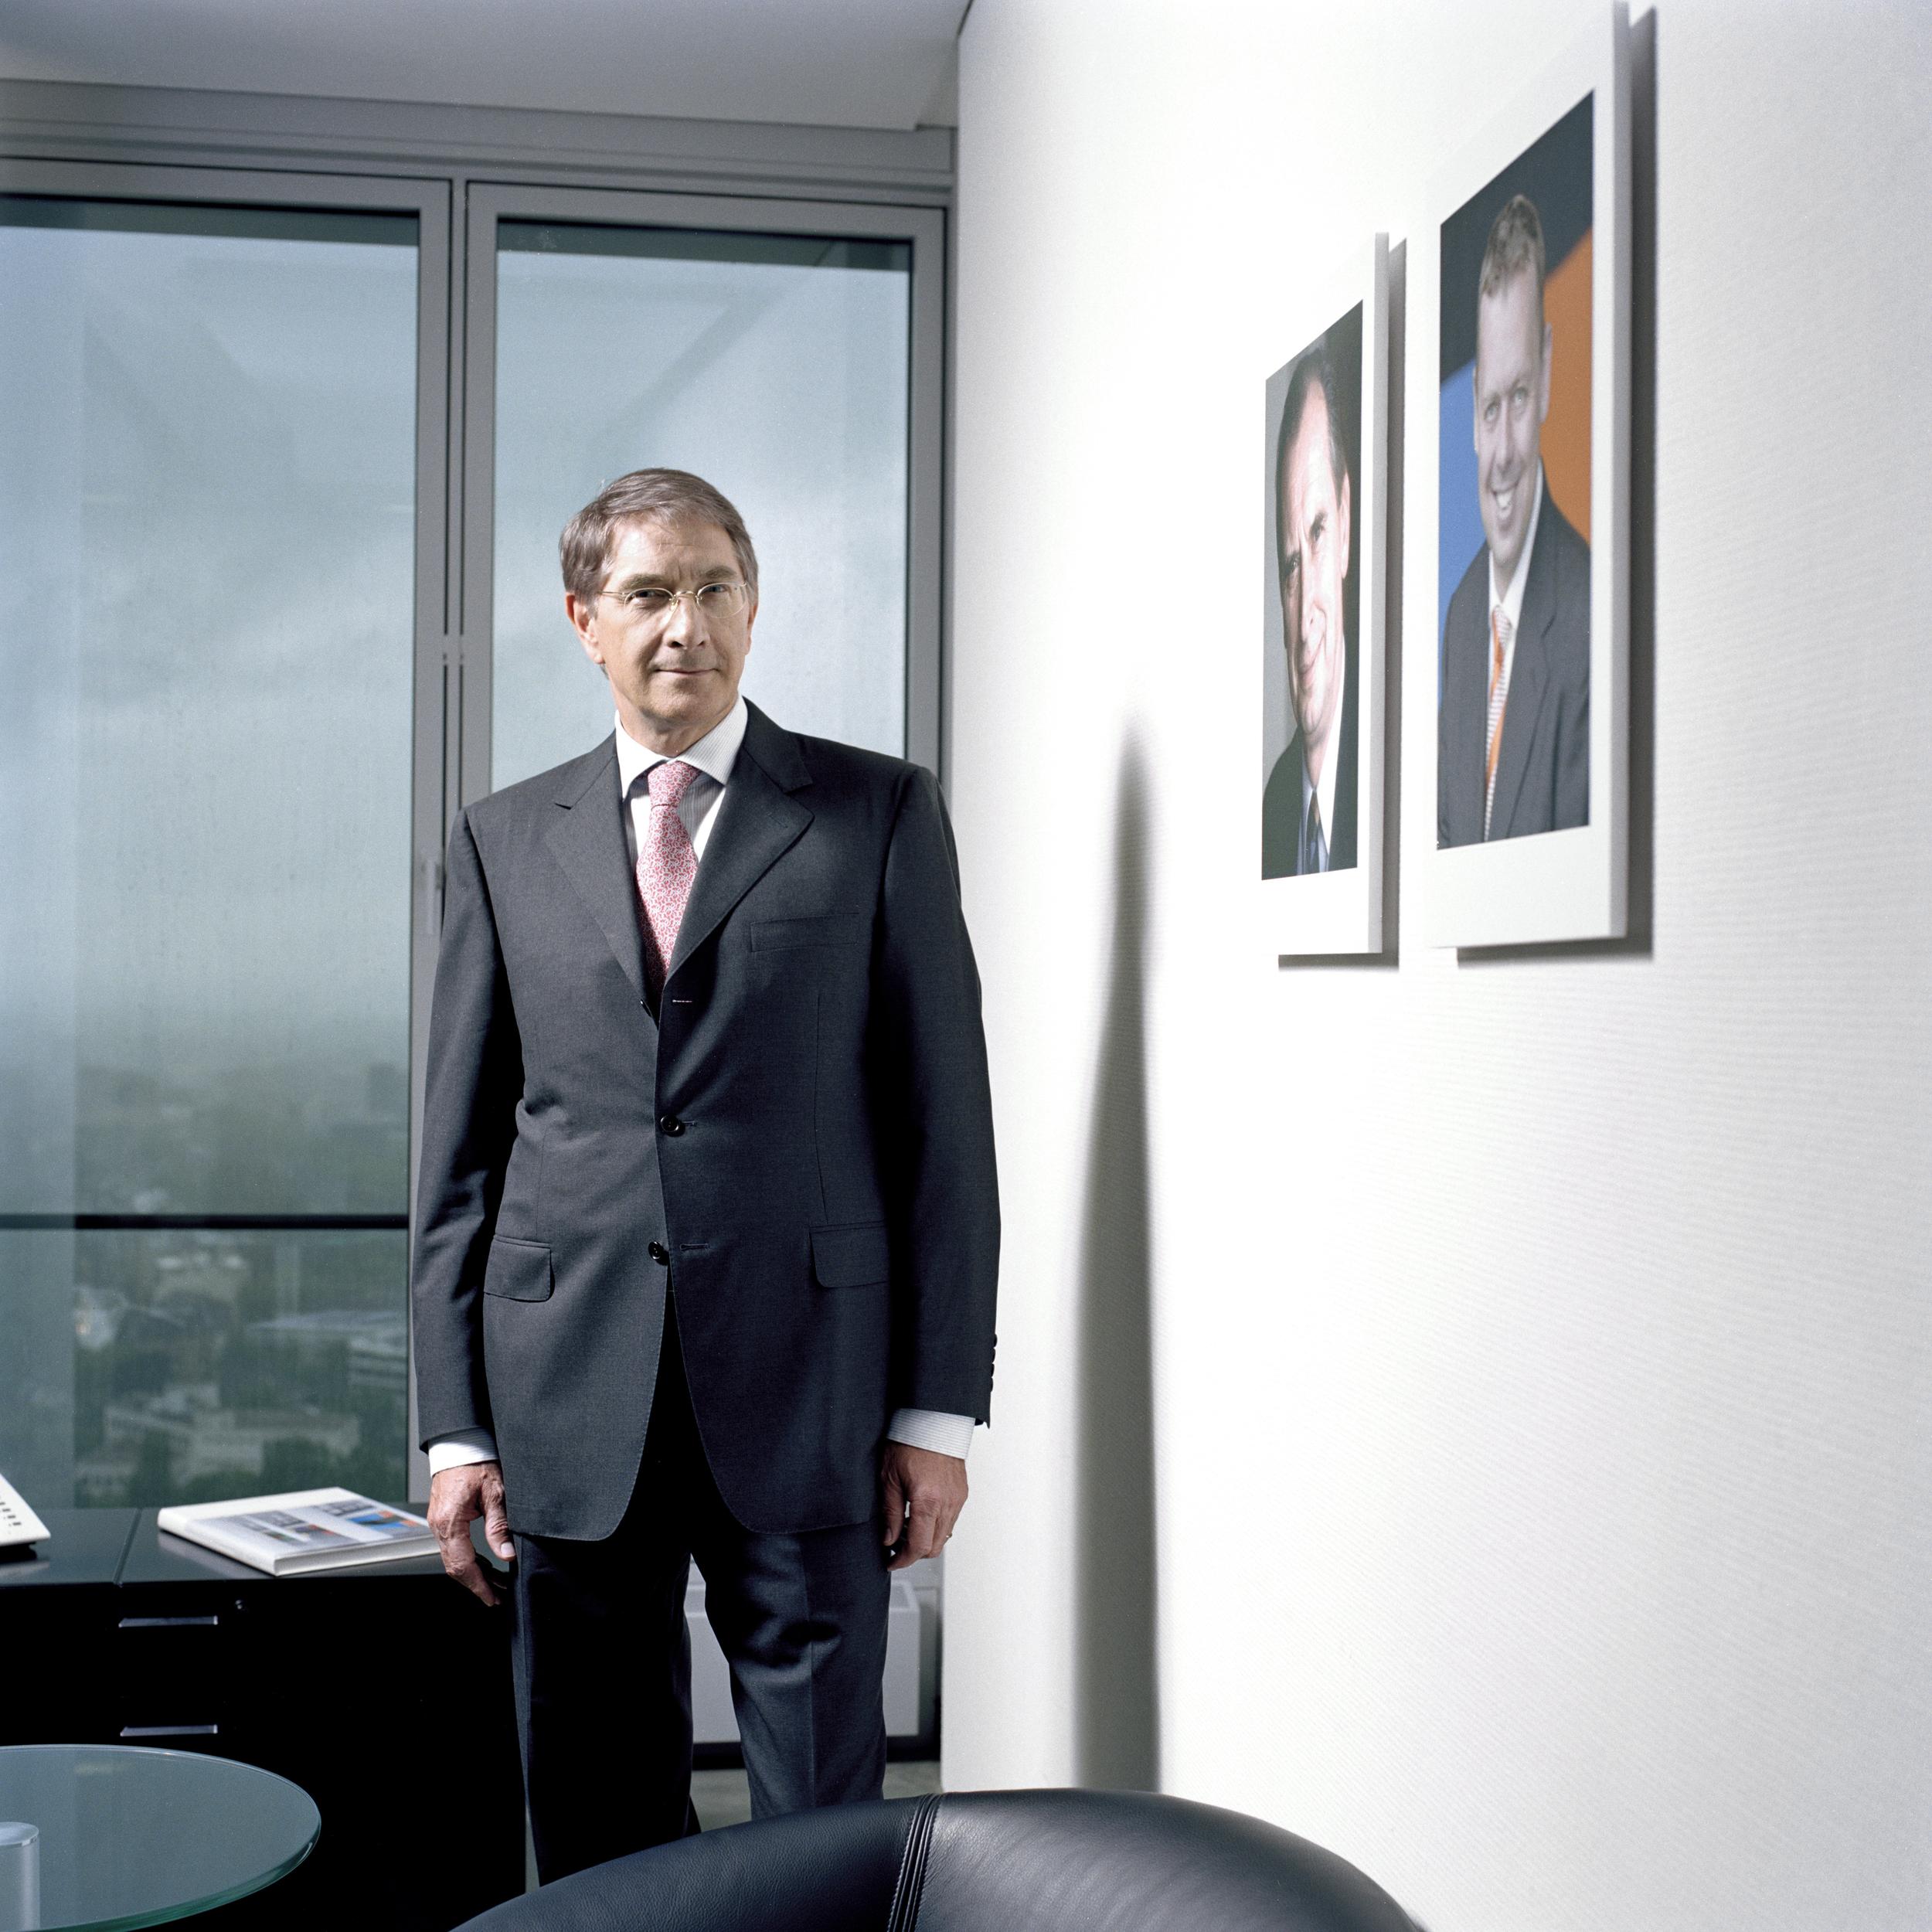 CEO Mr Mayer, for ERGO